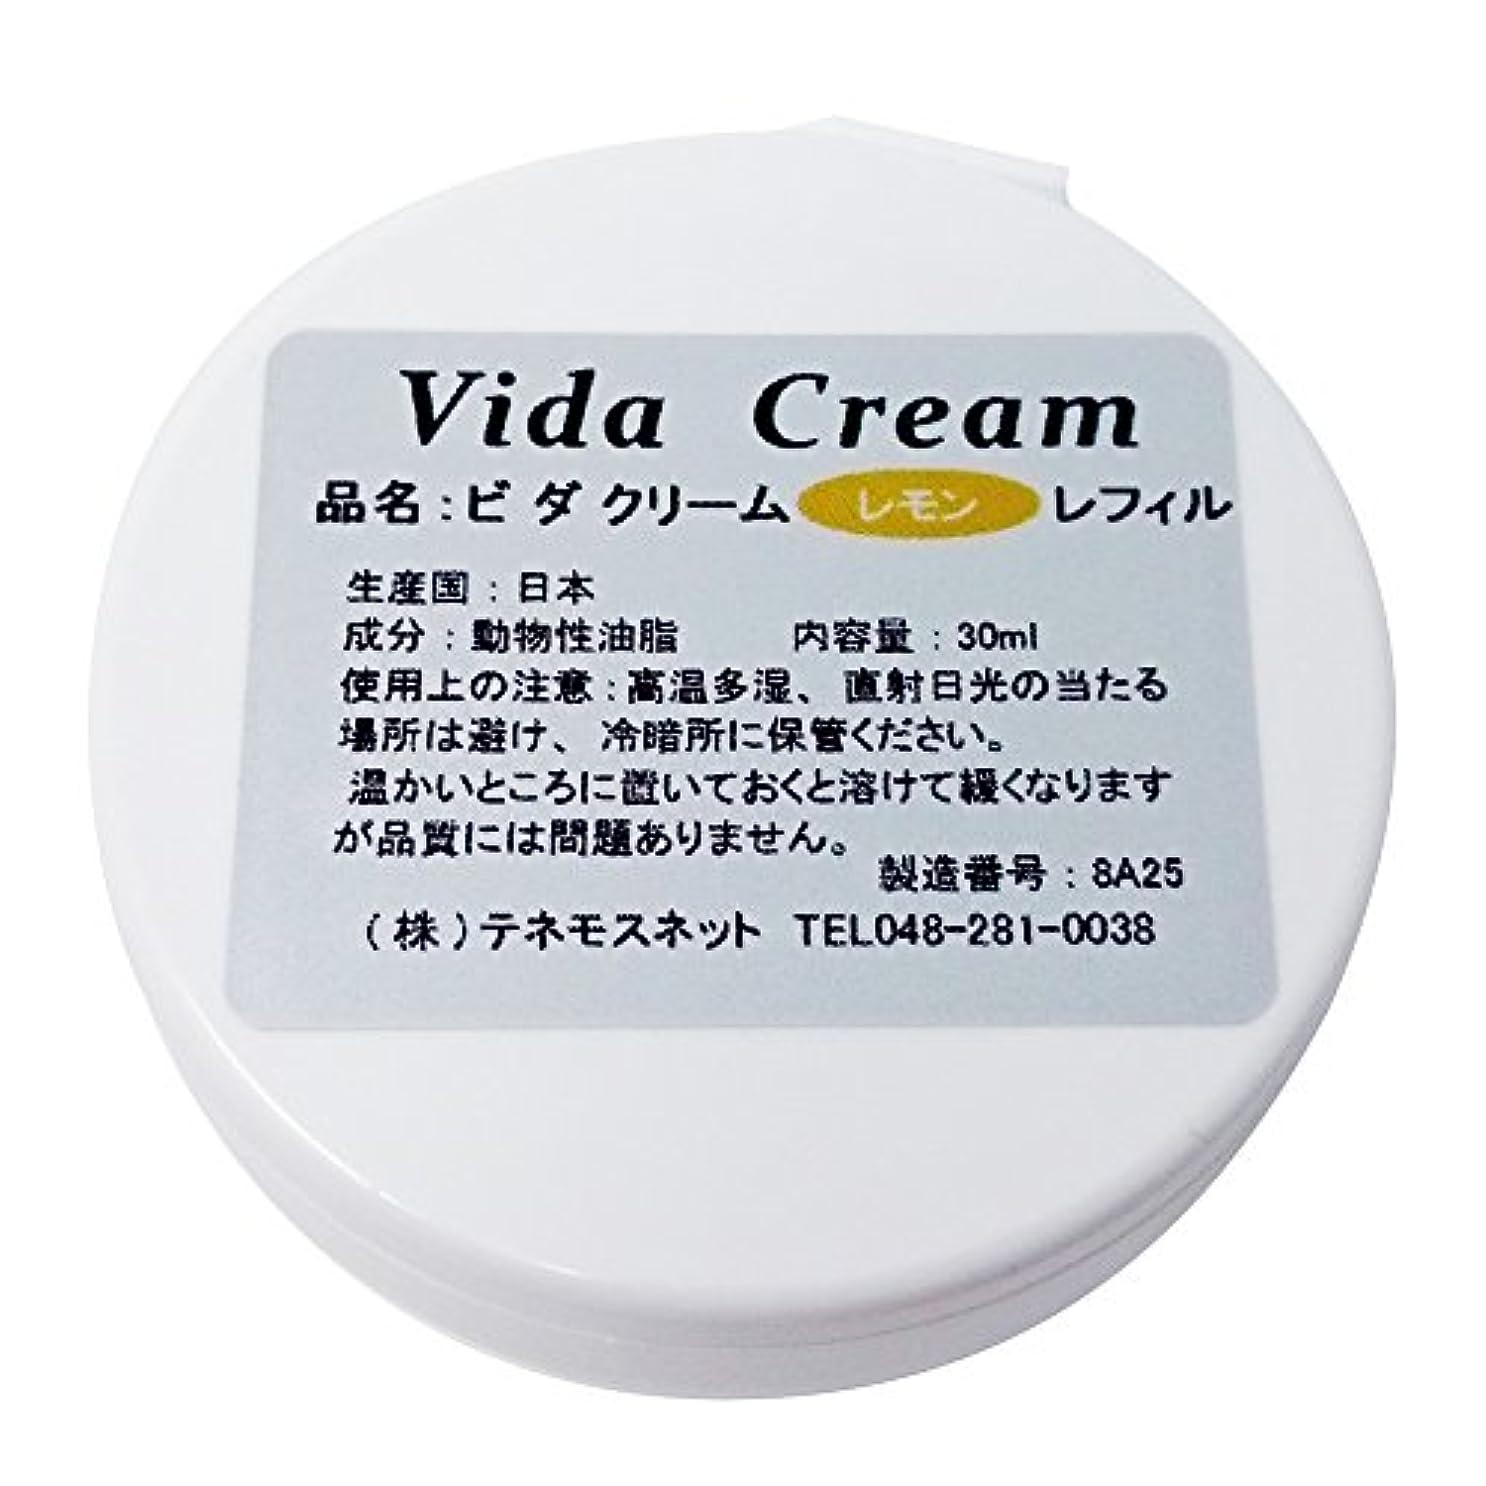 怒り農夫入力テネモス ビダクリーム Vida Cream ほのかレモン レフィル 付替用 30ml